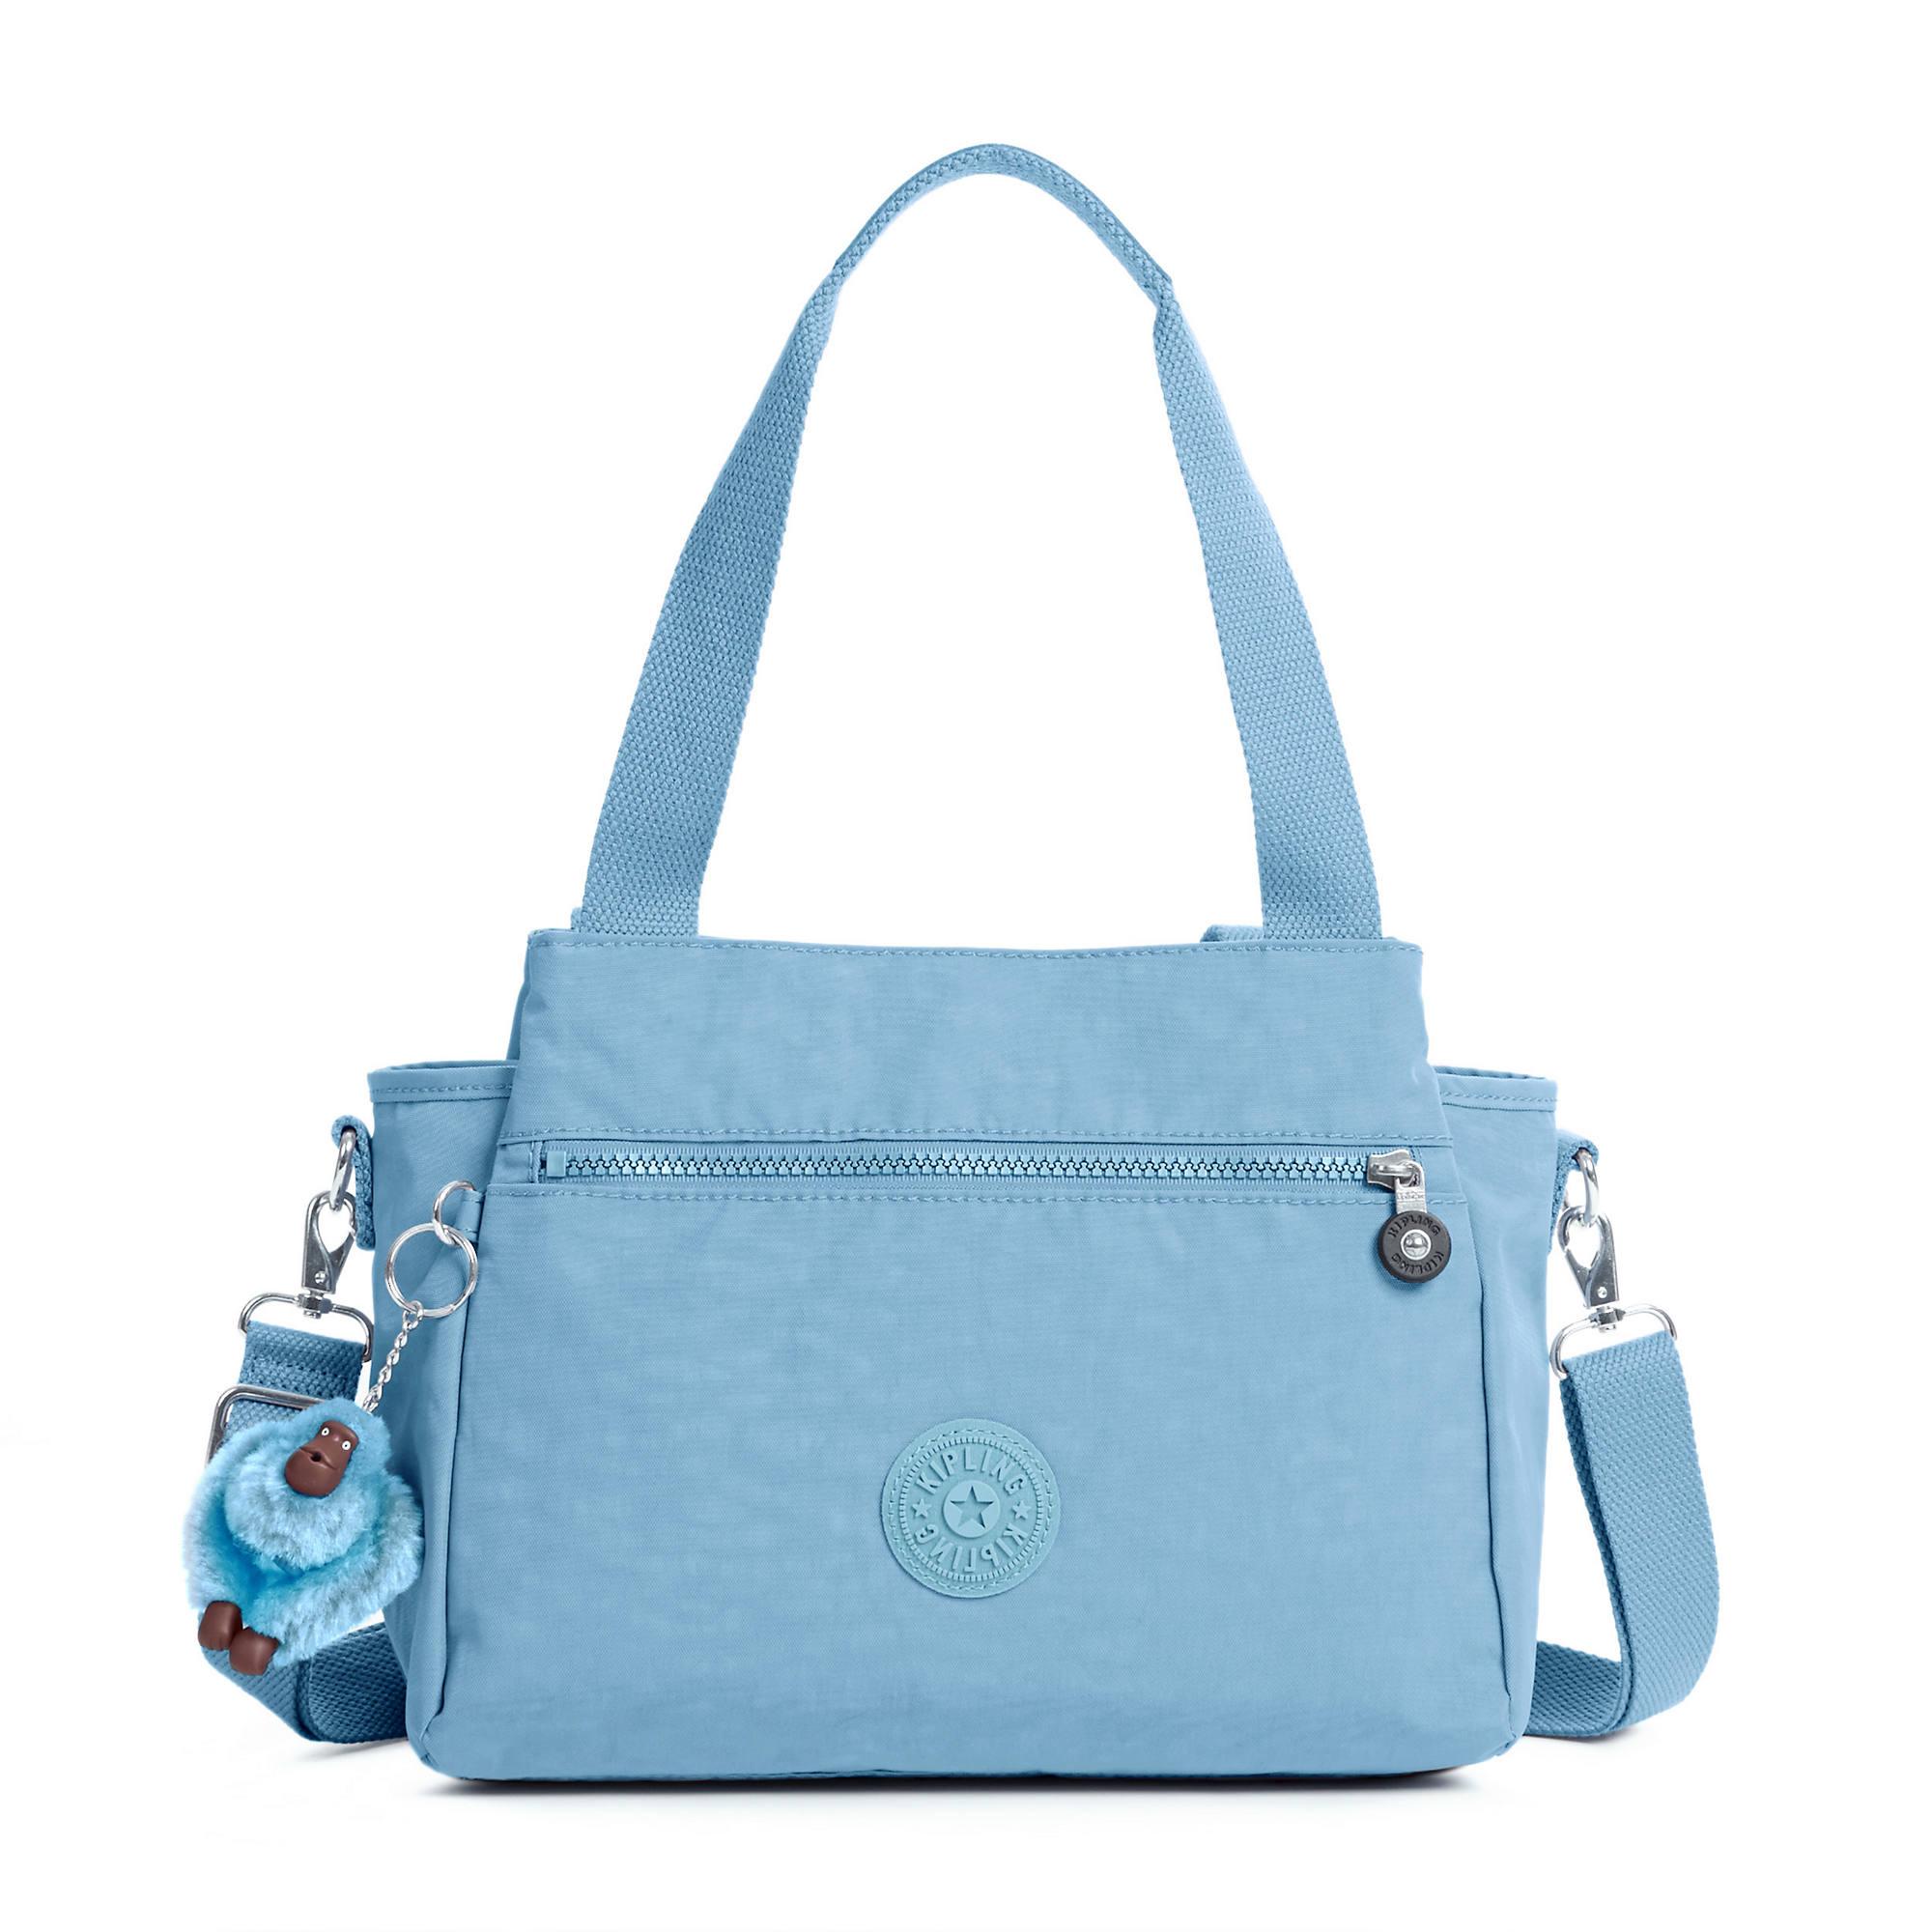 Elysia Handbag  768354a08738a